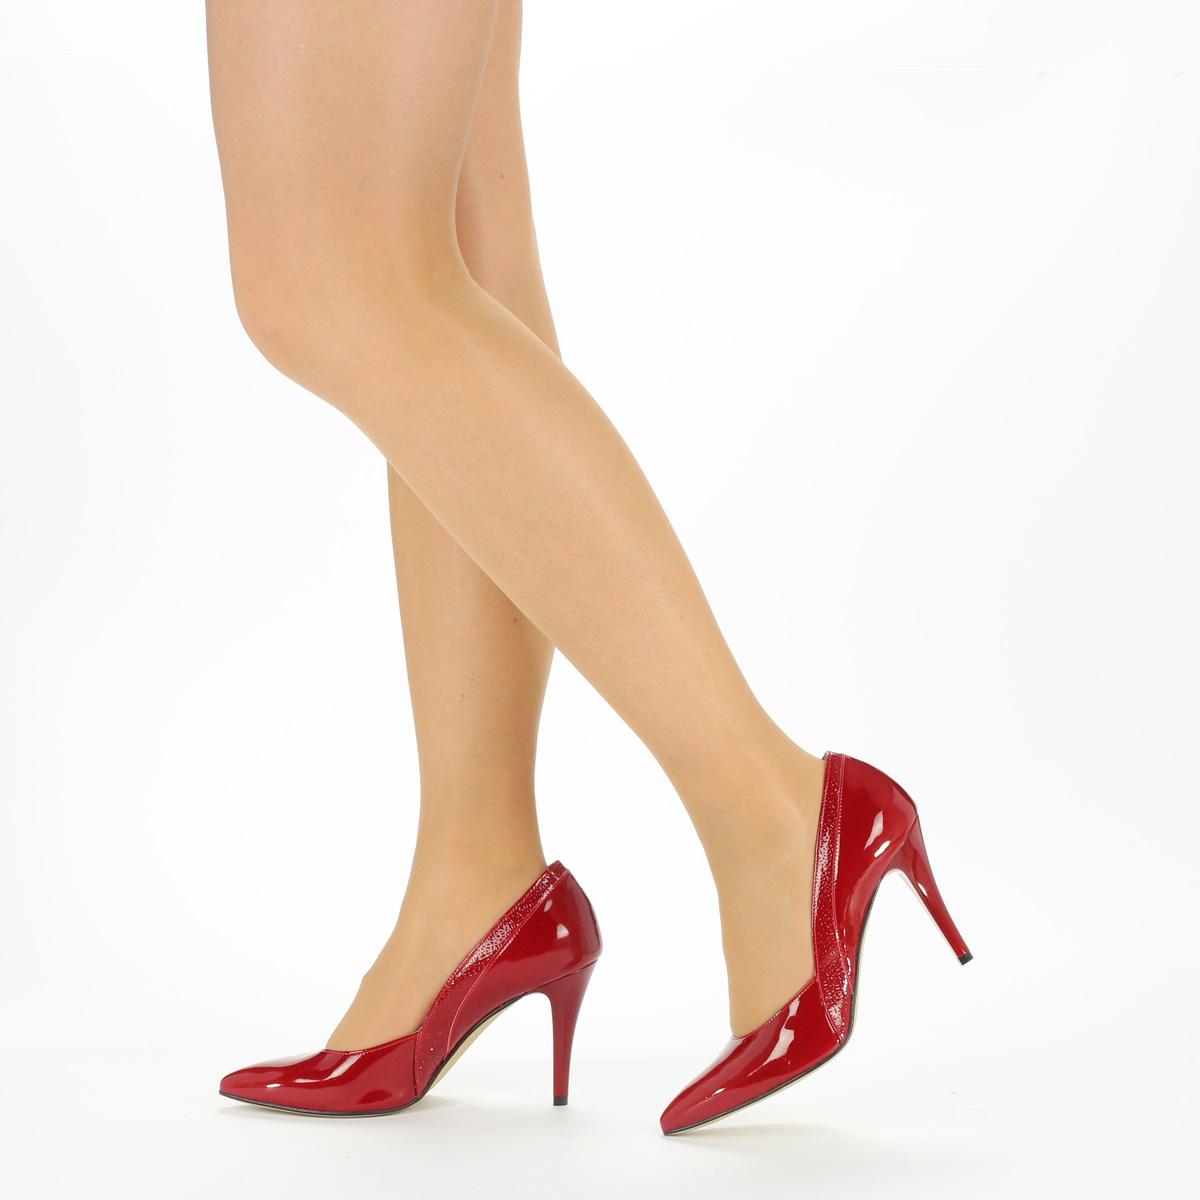 Felsőrésze és bélése  Piros színű magas sarkú lakk alkalmi cipő. Sarka 9 cm  magas. Felsőrésze és bélése bc69b4b12c